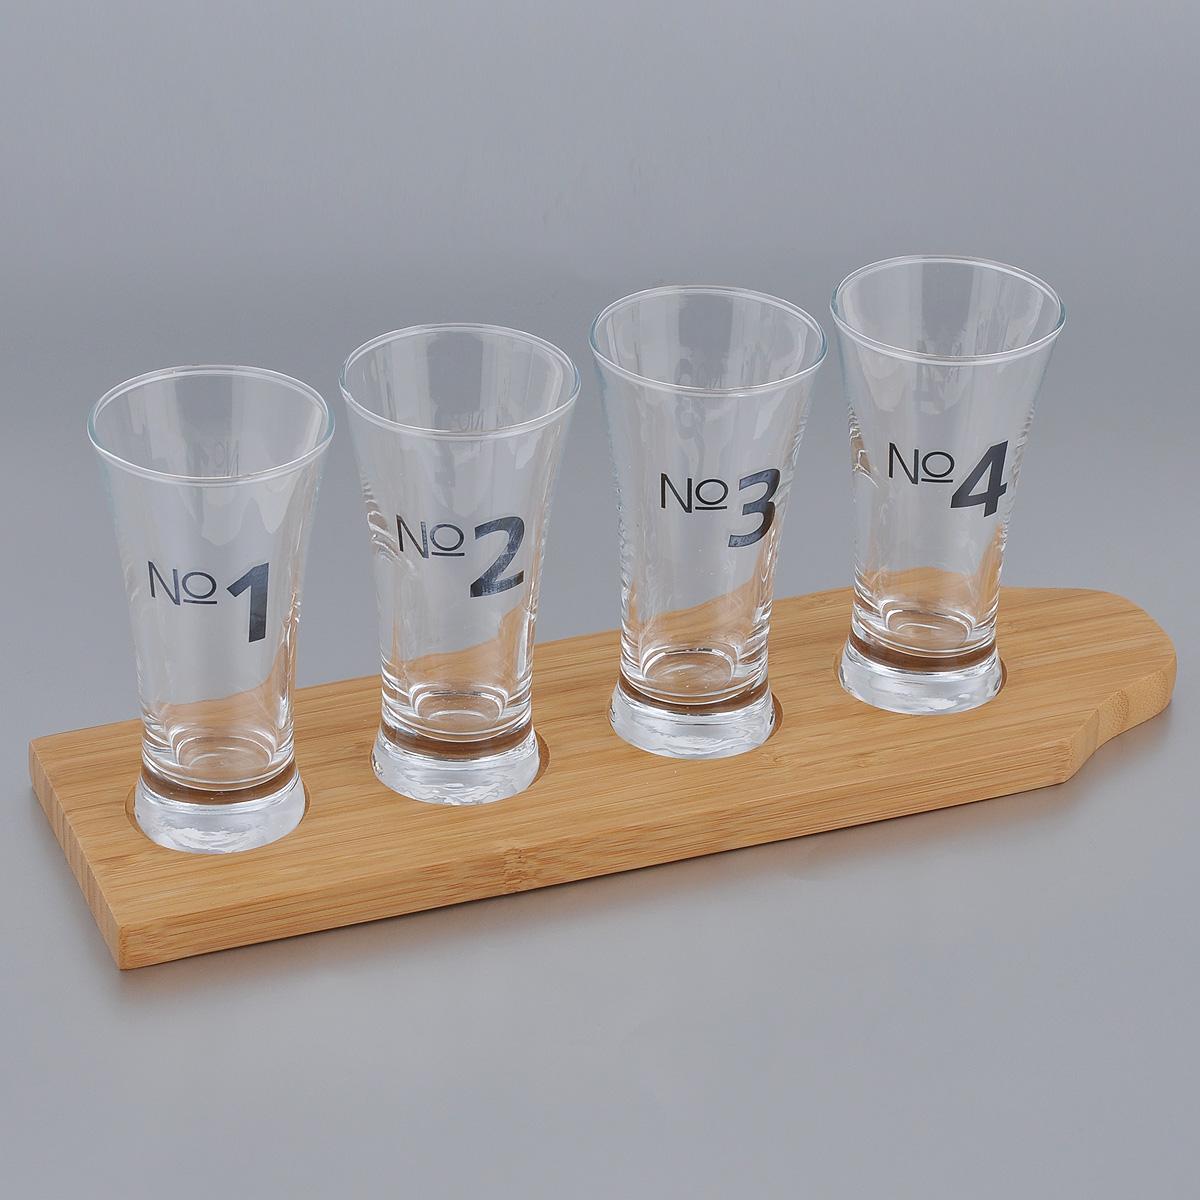 Набор дегустационных бокалов для пива Sagaform Bar, 5 предметов5016697Набор Sagaform Bar состоит из 4 бокалов и подставки. Бокалы выполнены из высококачественного тонкого стекла, имеют нумерацию. Для бокалов предусмотрена деревянная подставка. Элегантный набор дегустационных пивных бокалов не оставит равнодушным гурманов пенного напитка. Прекрасный подарок на любой случай. Объем бокала: 150 мл. Диаметр бокала (по верхнему краю): 6,5 см. Высота бокала: 12,5 см. Размер подставки: 33,5 см х 10 см х 1,5 см.